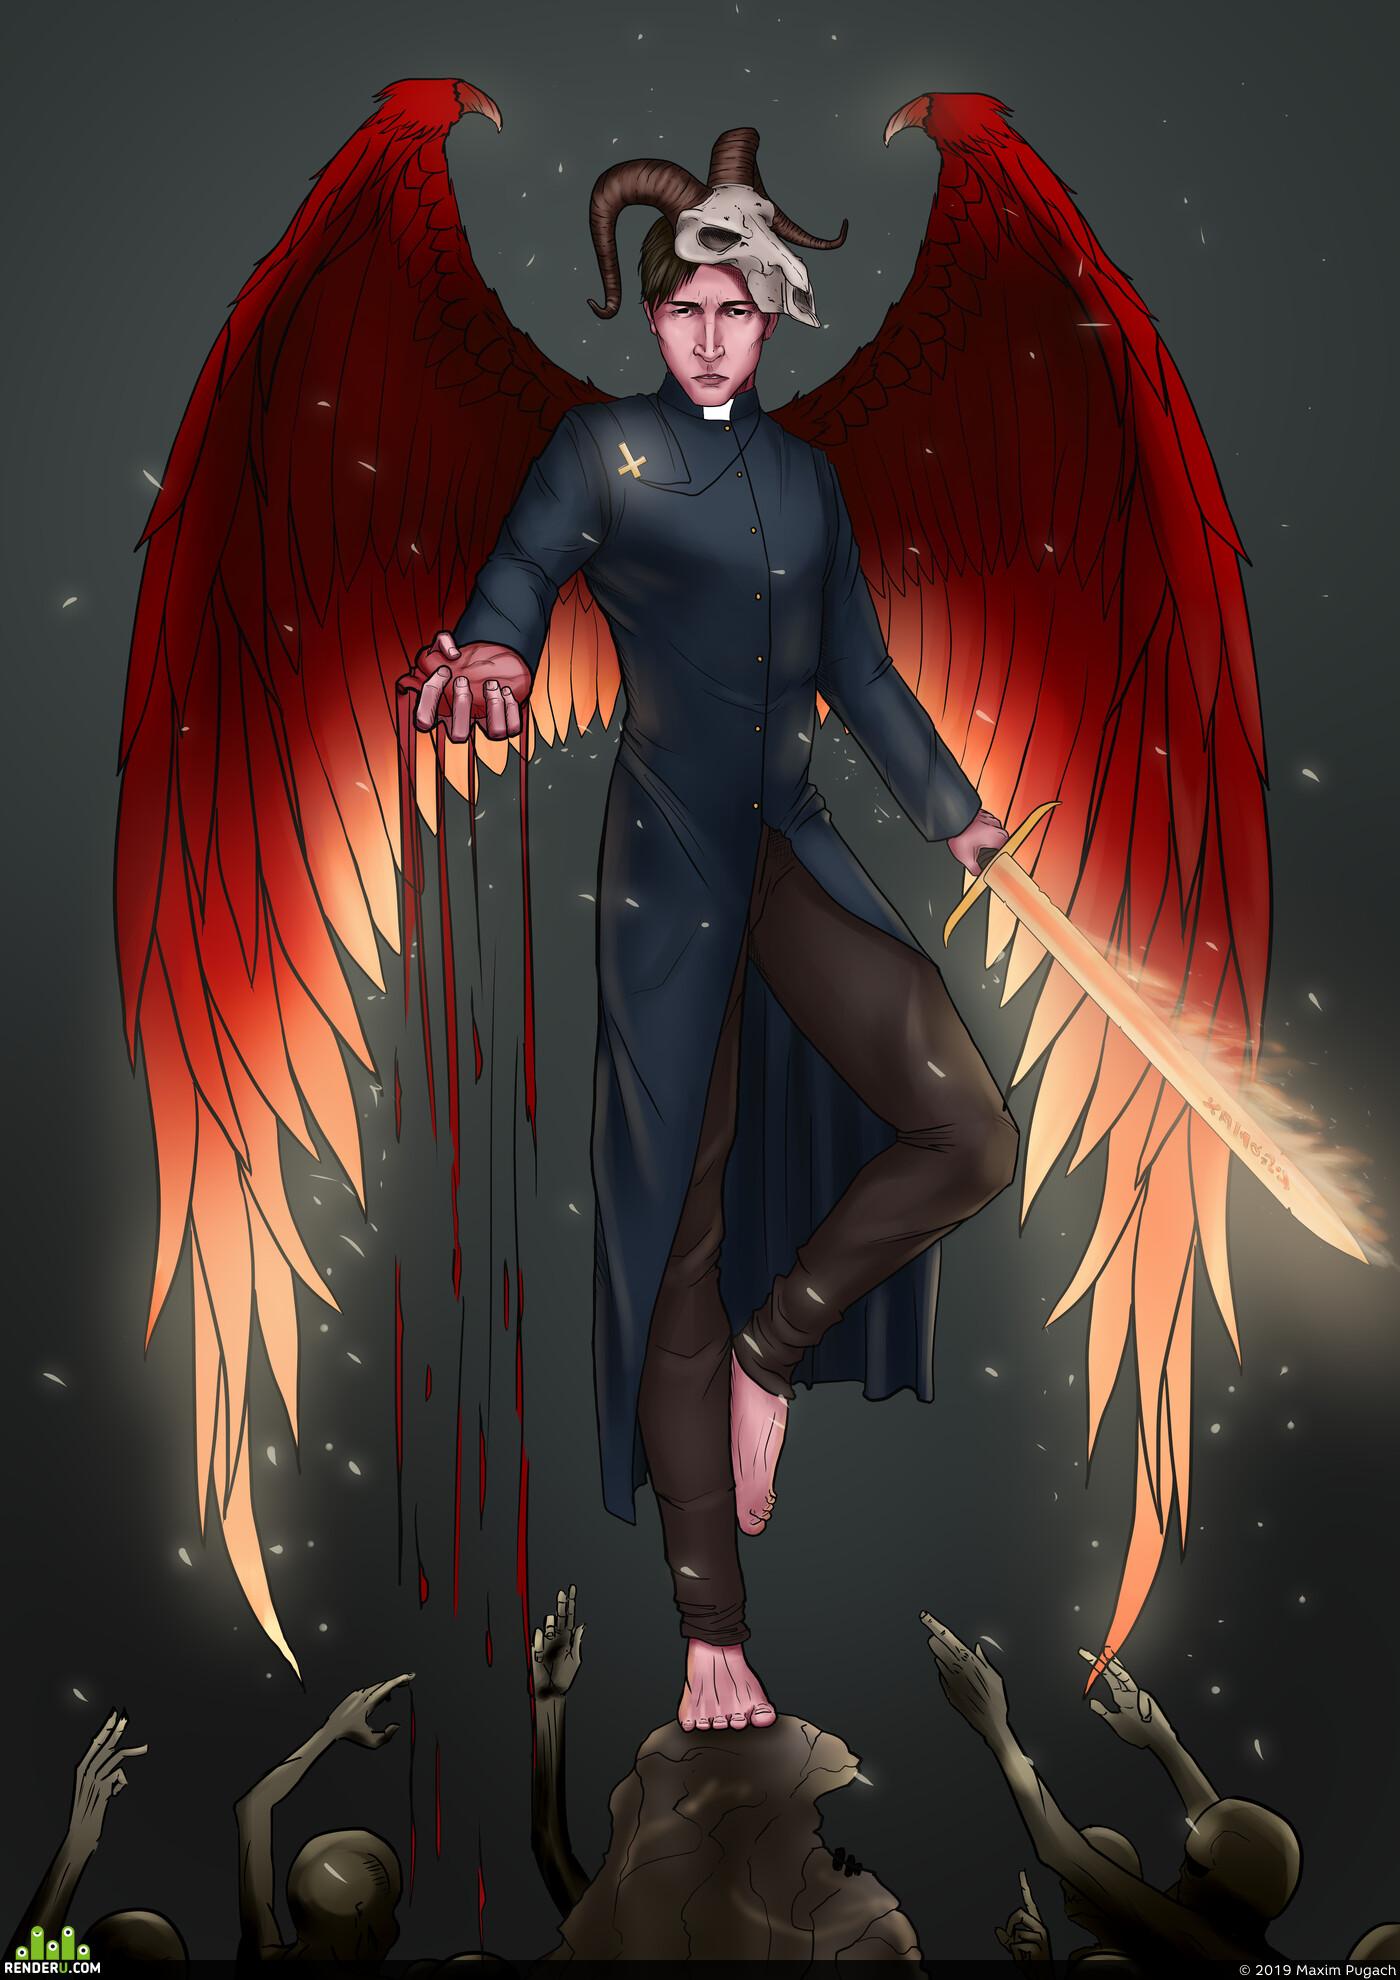 art, digitalart, illustration, comics, maxwellfrost, Комиксы, рисунок, иллюстрация, ангел